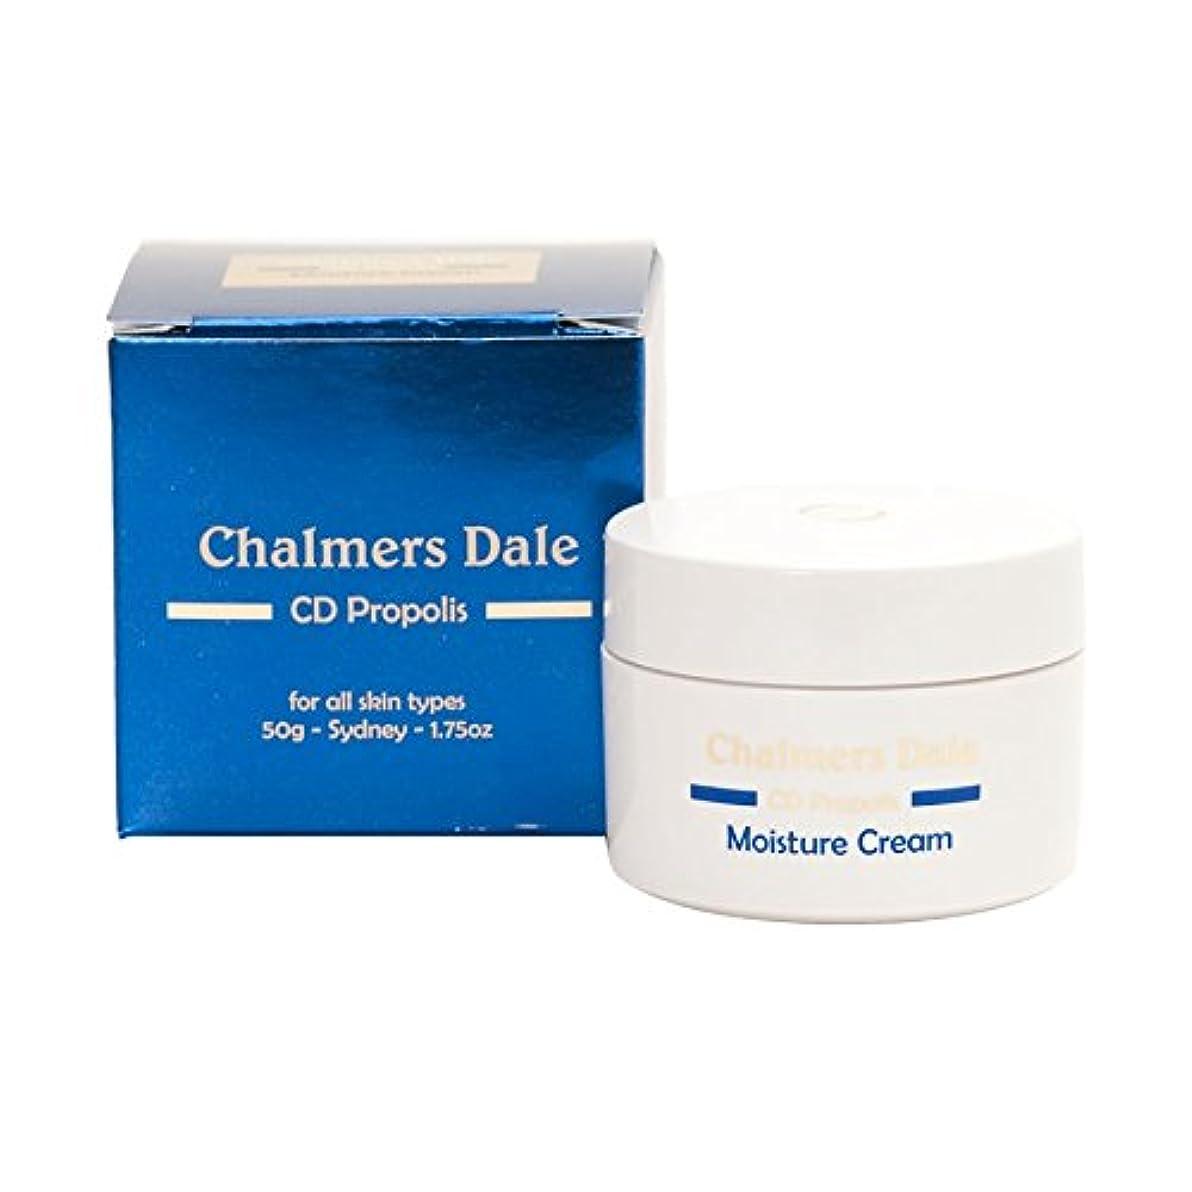 フォアマン農民フォアマンプロポリスクリーム 50g 清潔な肌 敏感肌 保湿作用 しっとり肌 【海外直送品】